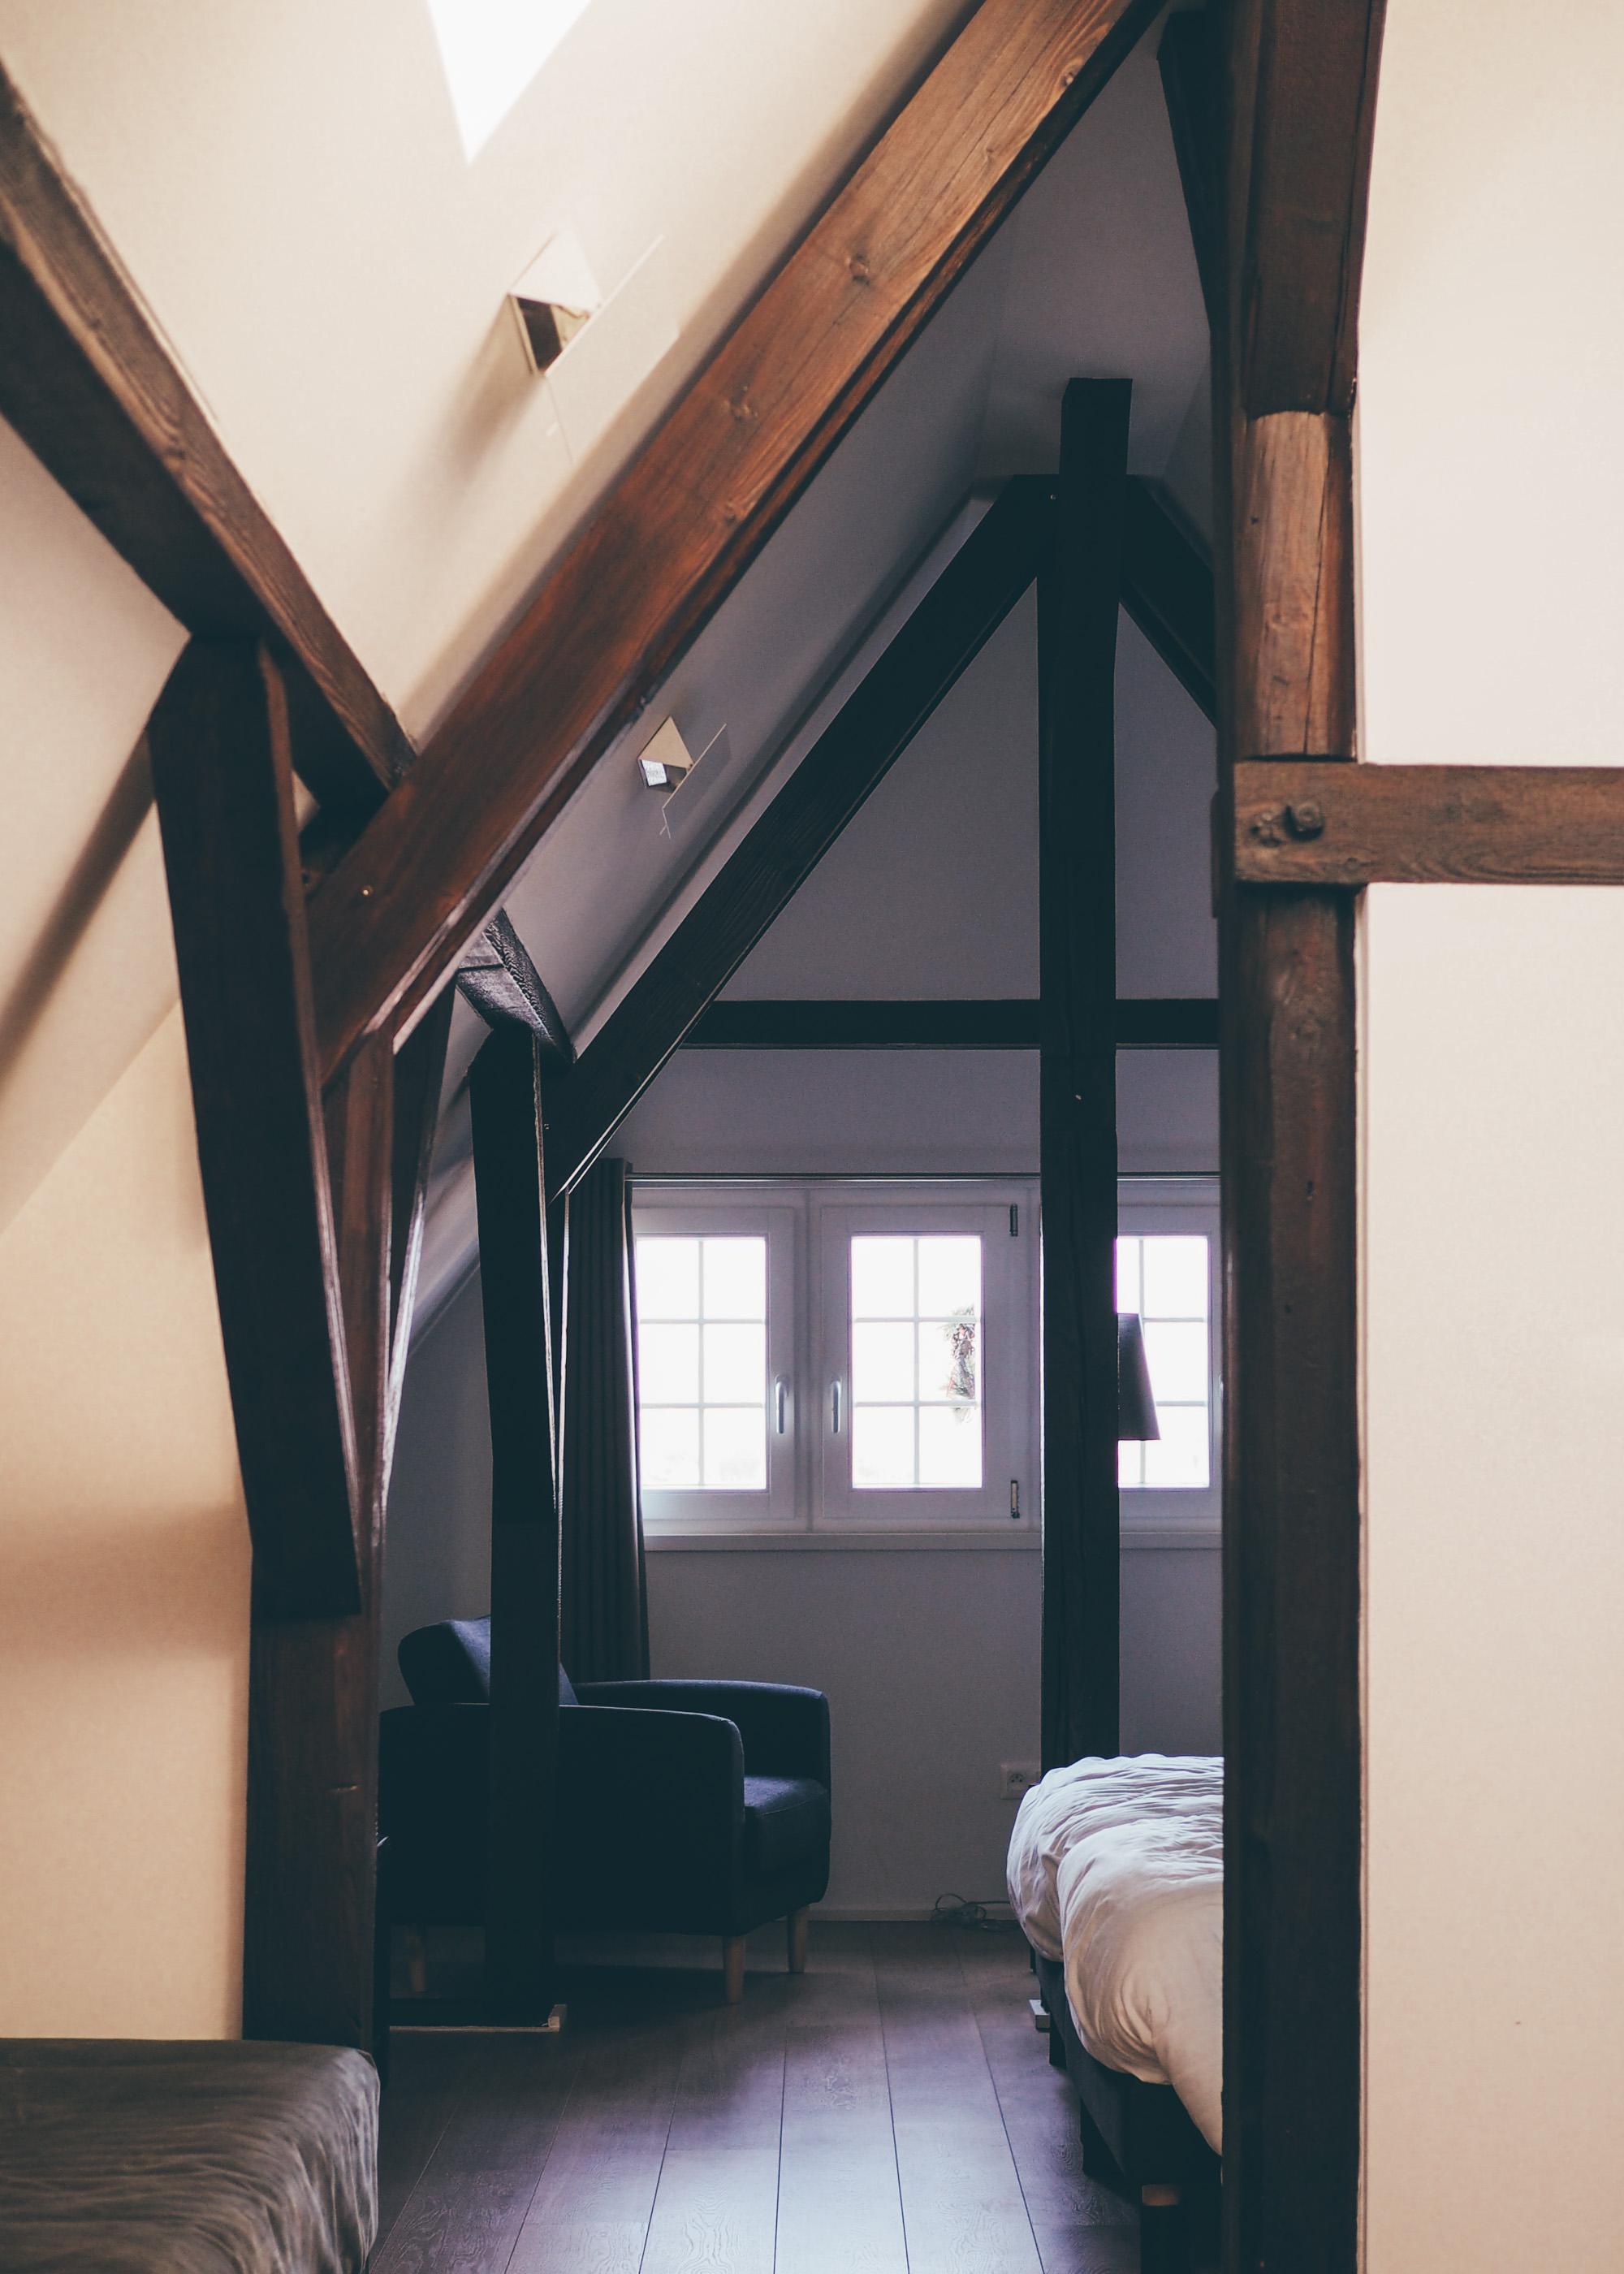 Alsace - La Villa du Coteau, une belle adresse de chambre d'hôte pour une nuit à Obernai / Tippy.fr